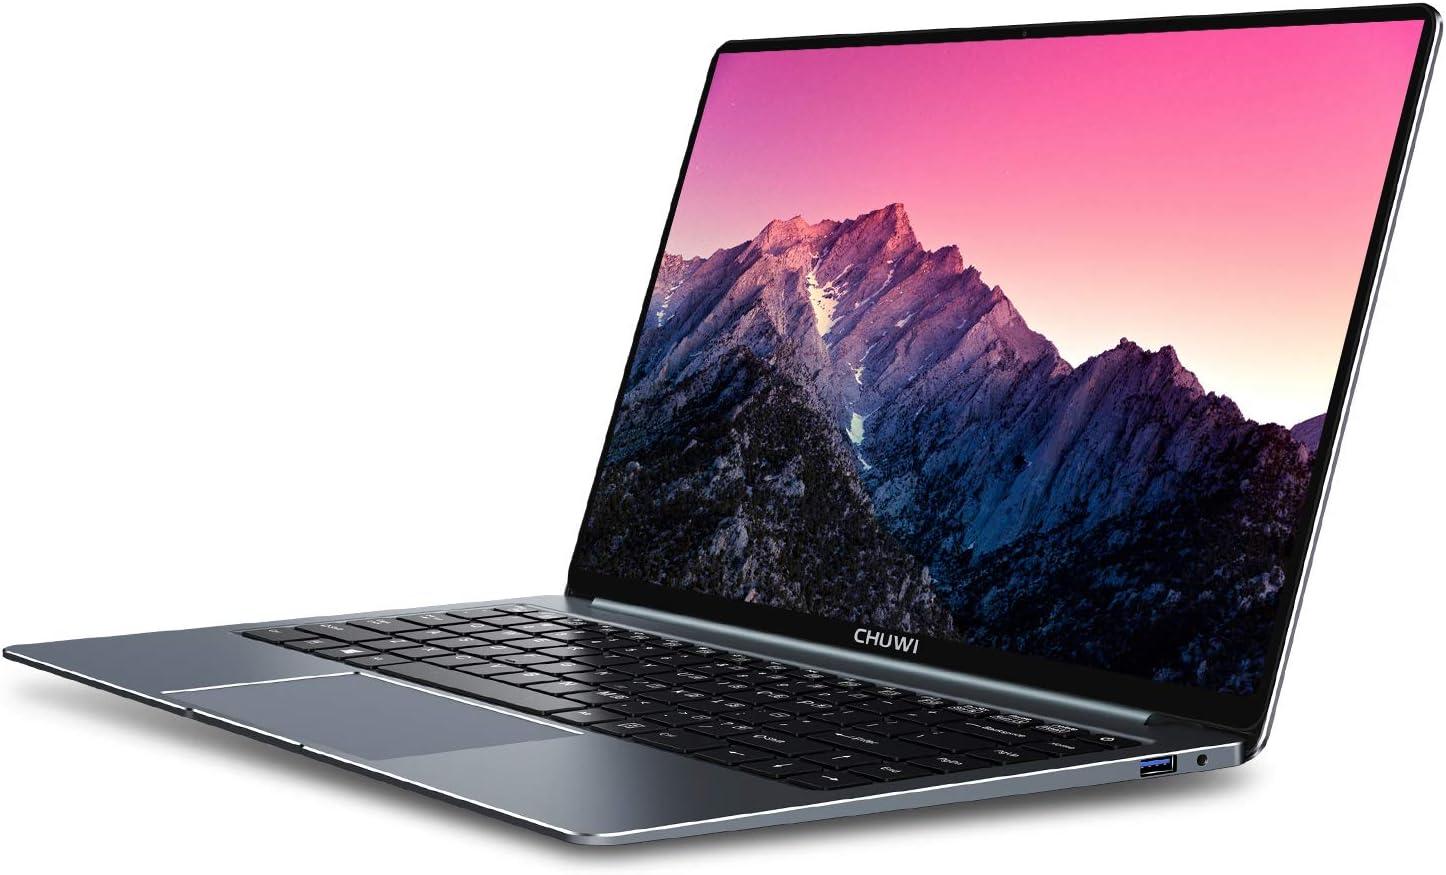 CHUWI Lapbook Pro